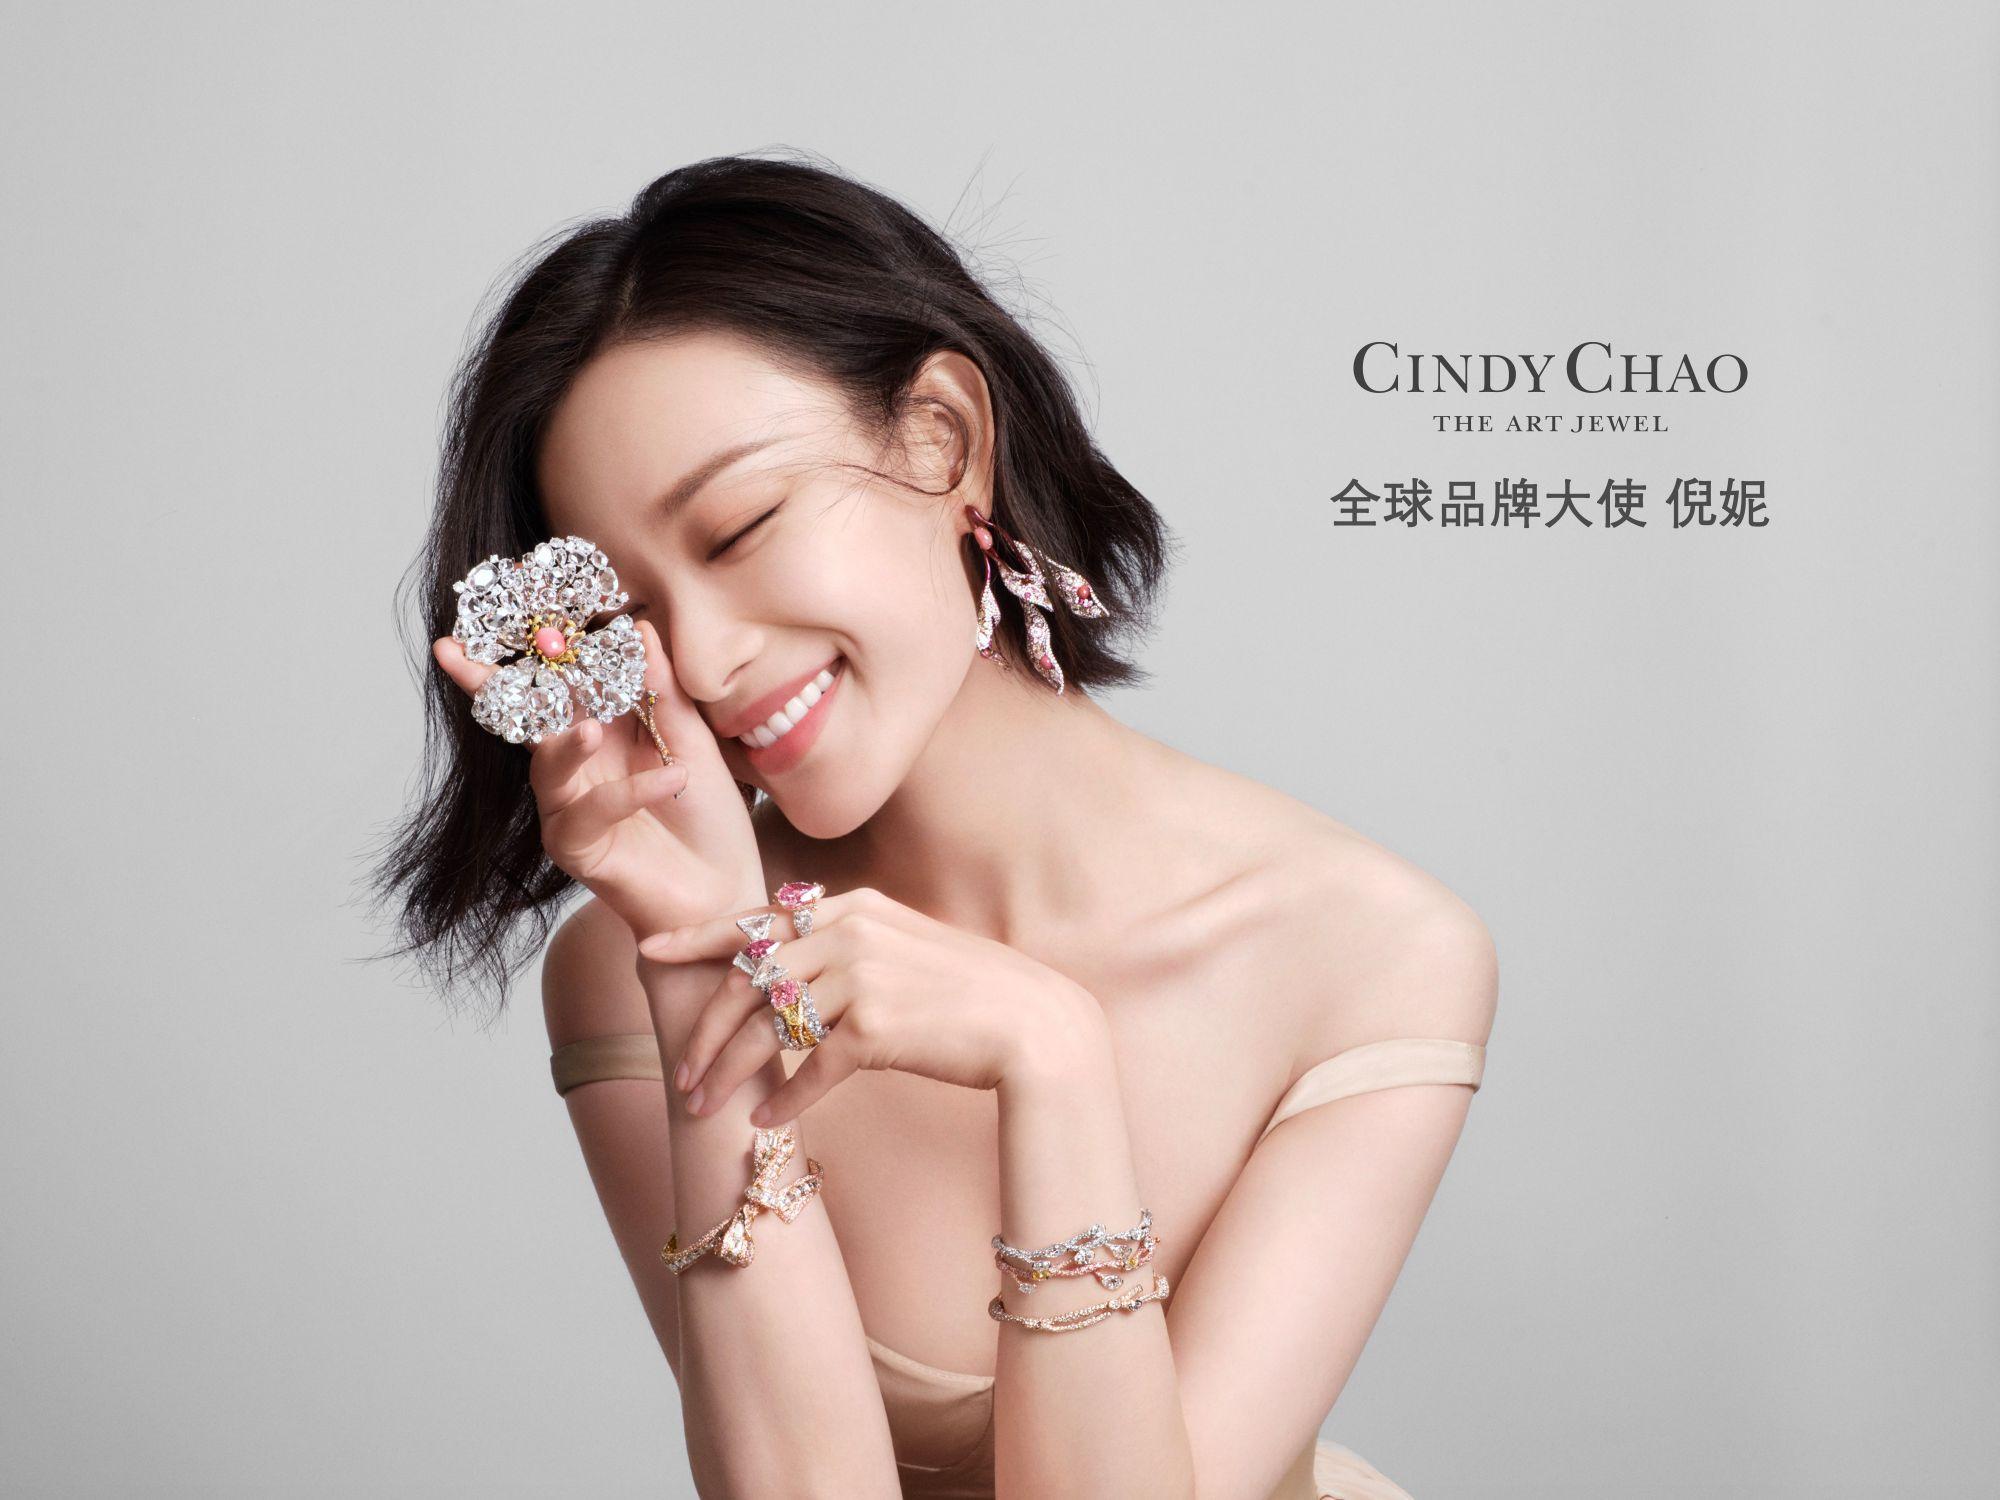 倪妮成為Cindy Chao The Art Jewel全球品牌大使,稀世粉紅鑽流轉優雅形象